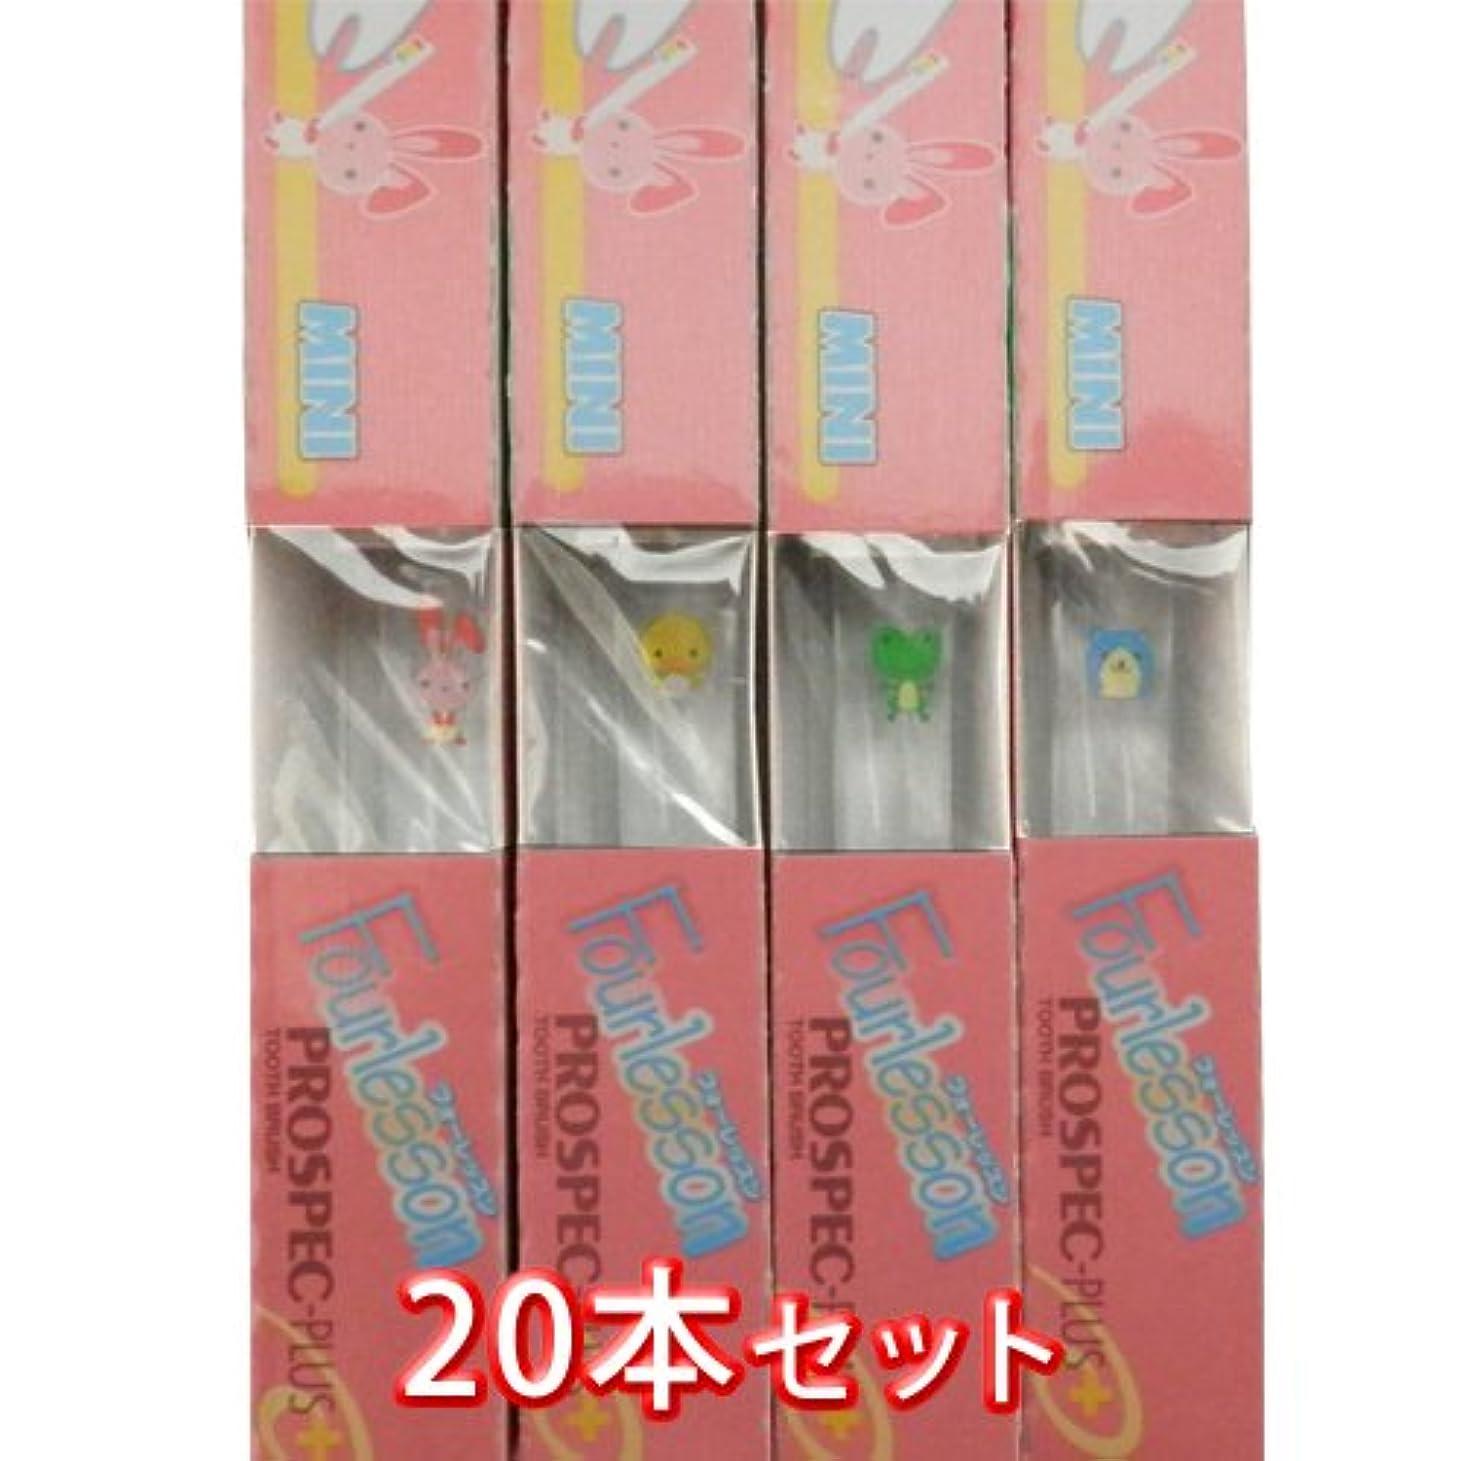 弾薬ラショナルクモプロスペック プラス フォーレッスン ミニ 歯ブラシ 20本入